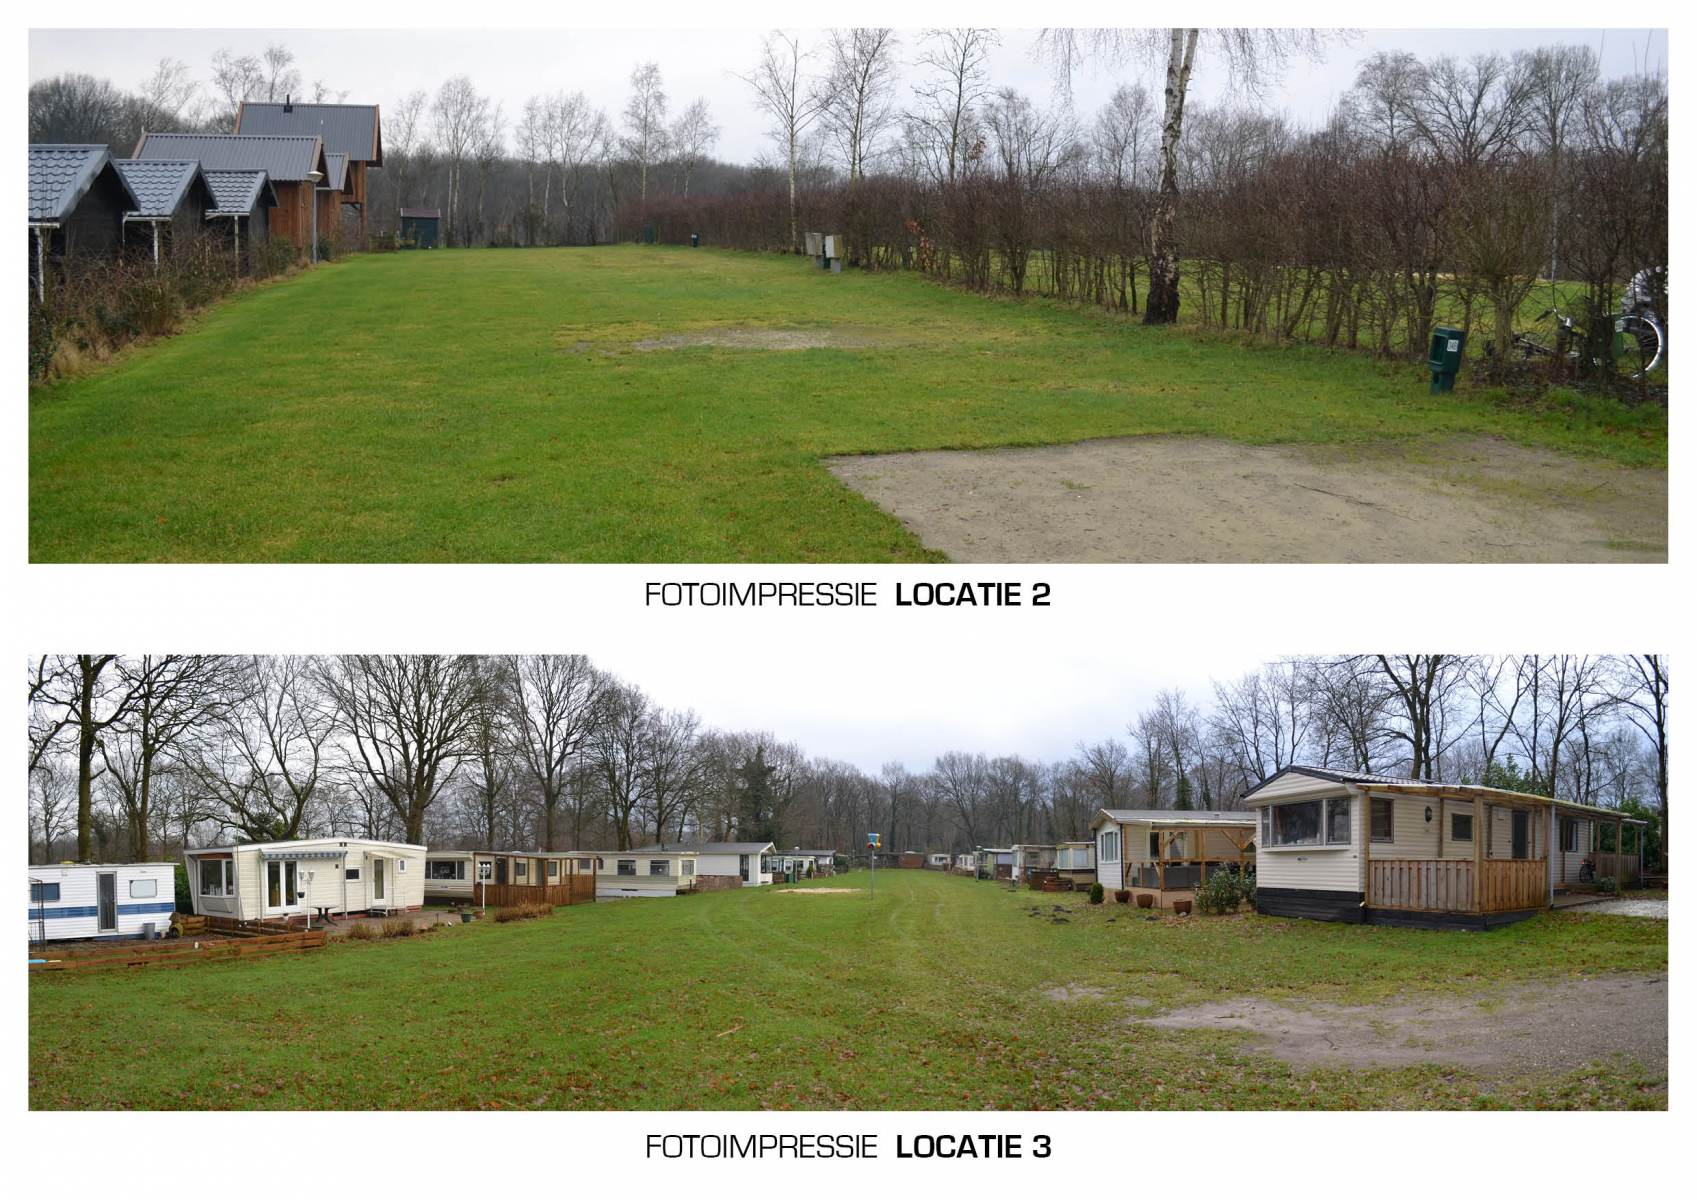 Locatiestudie-Camping-Vossenburcht-Totaal-A36